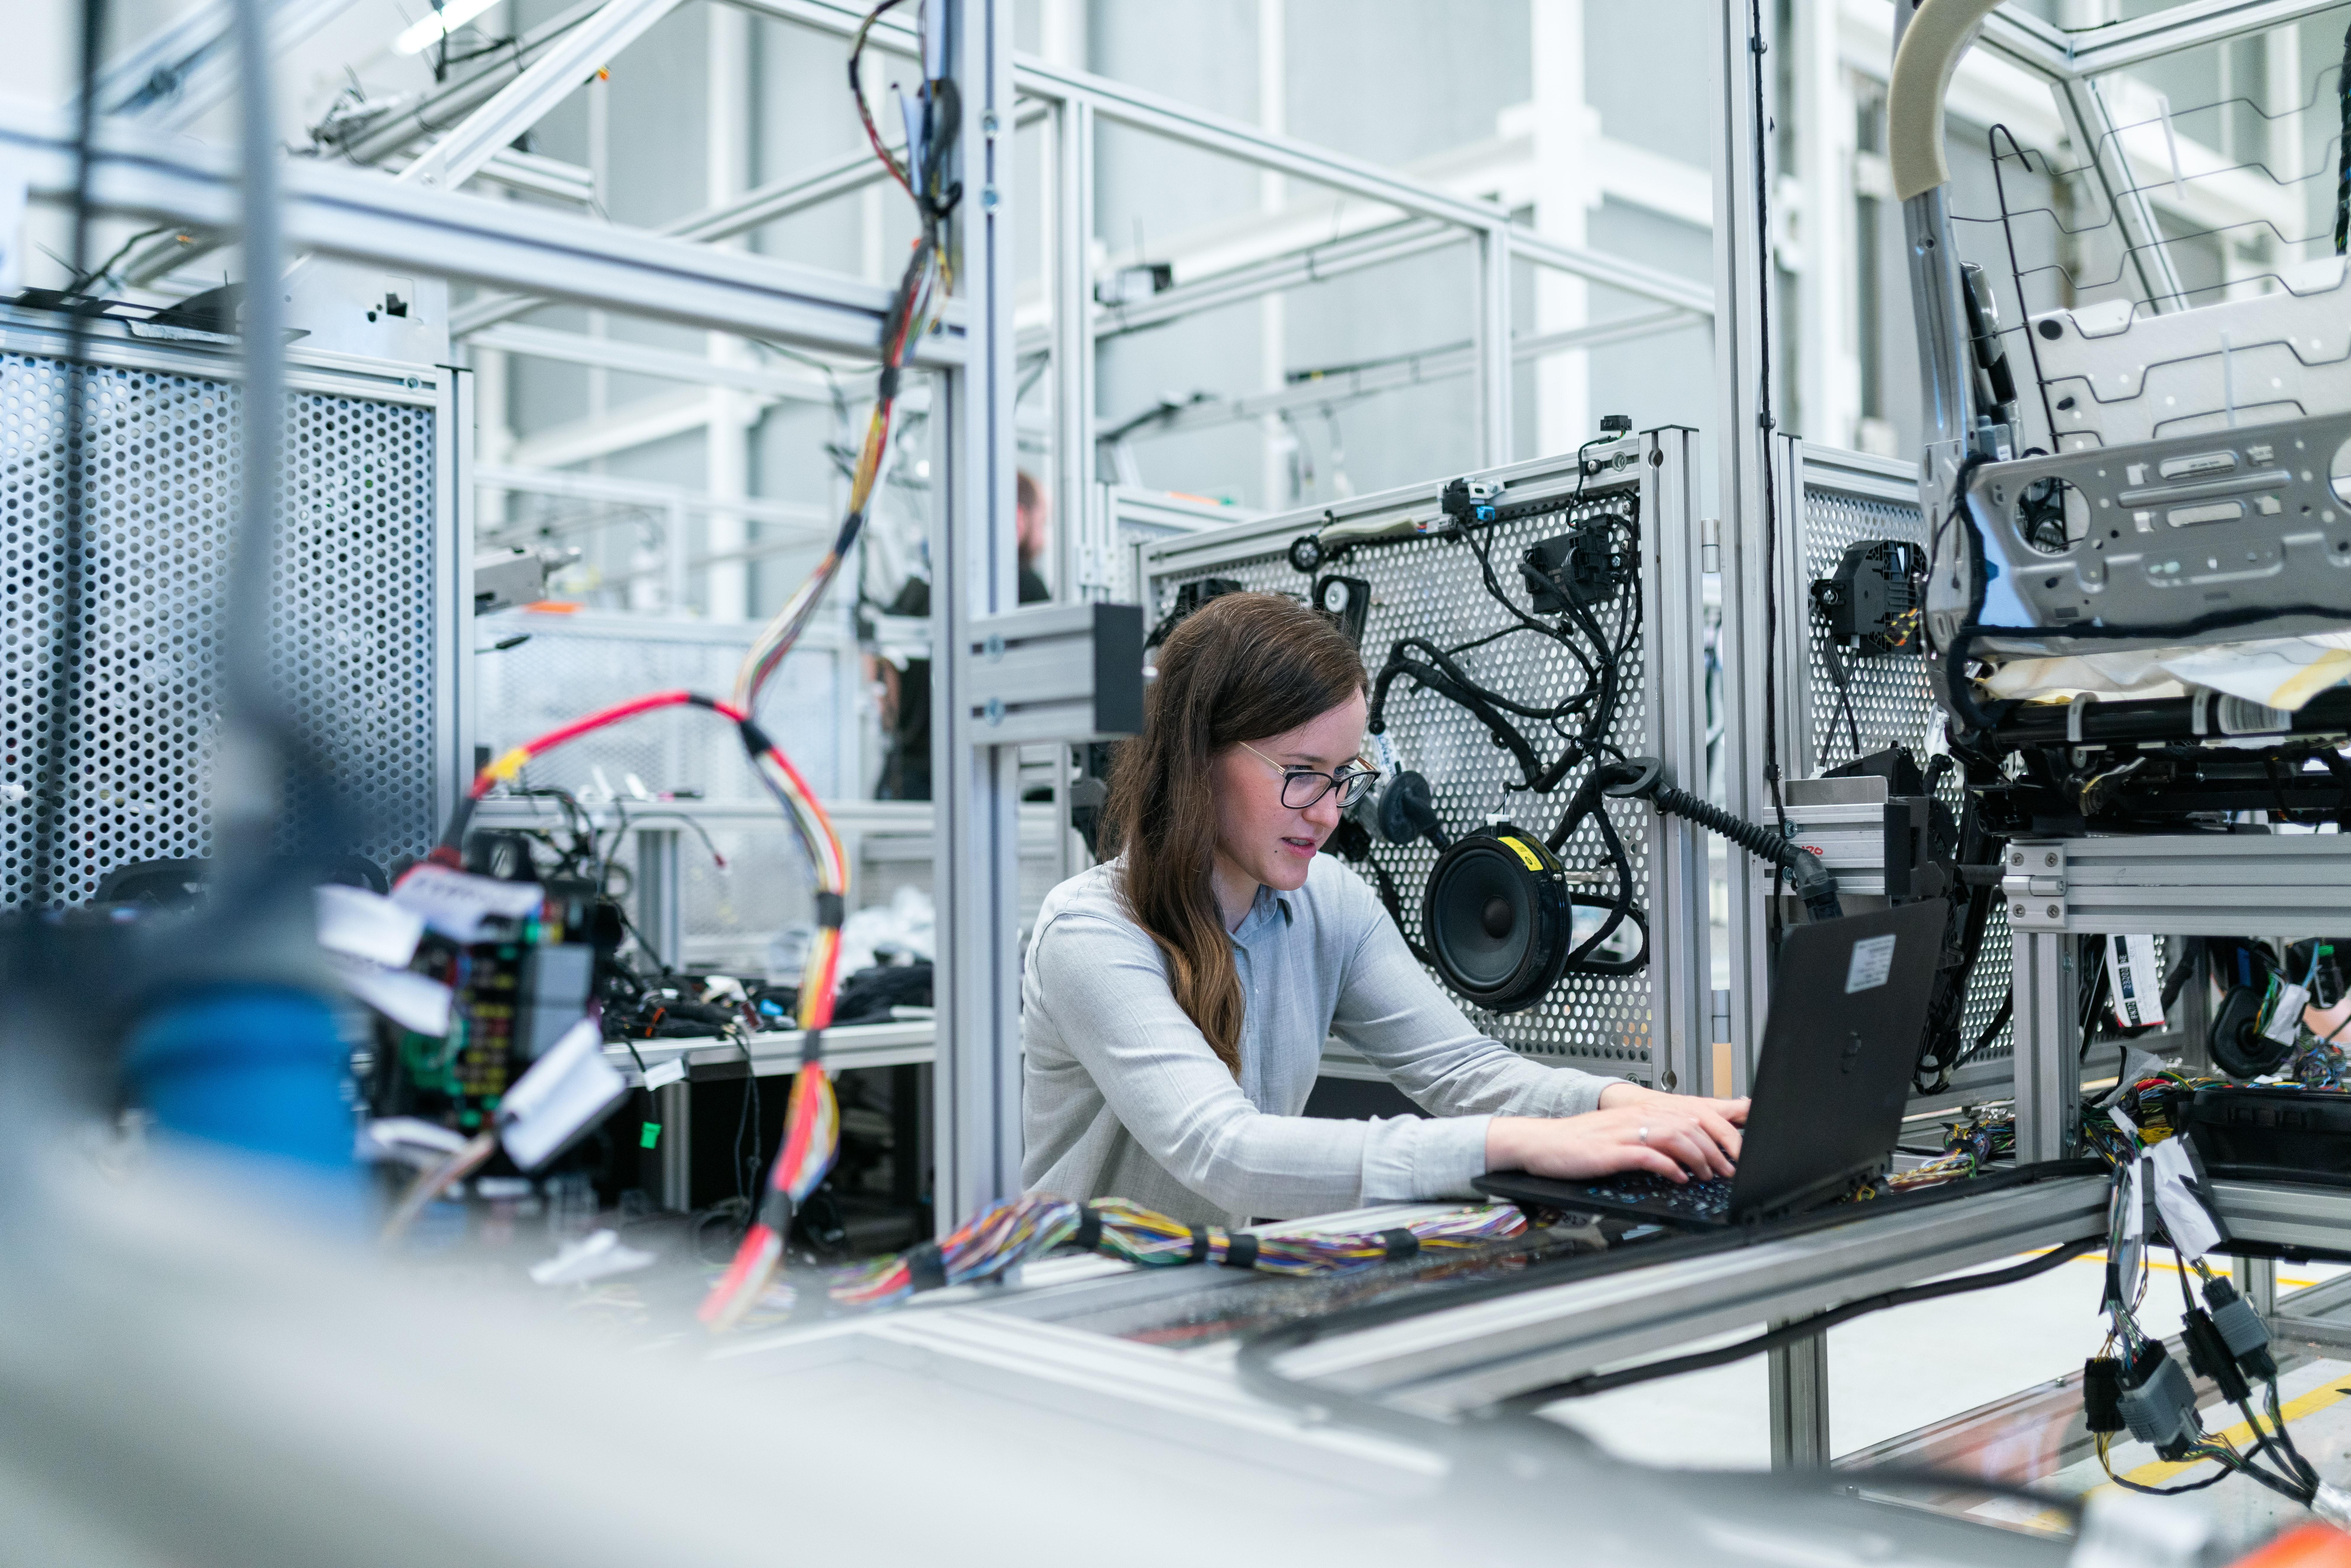 Novi kitajski IPO v letu 2021 – RLX Technology Inc